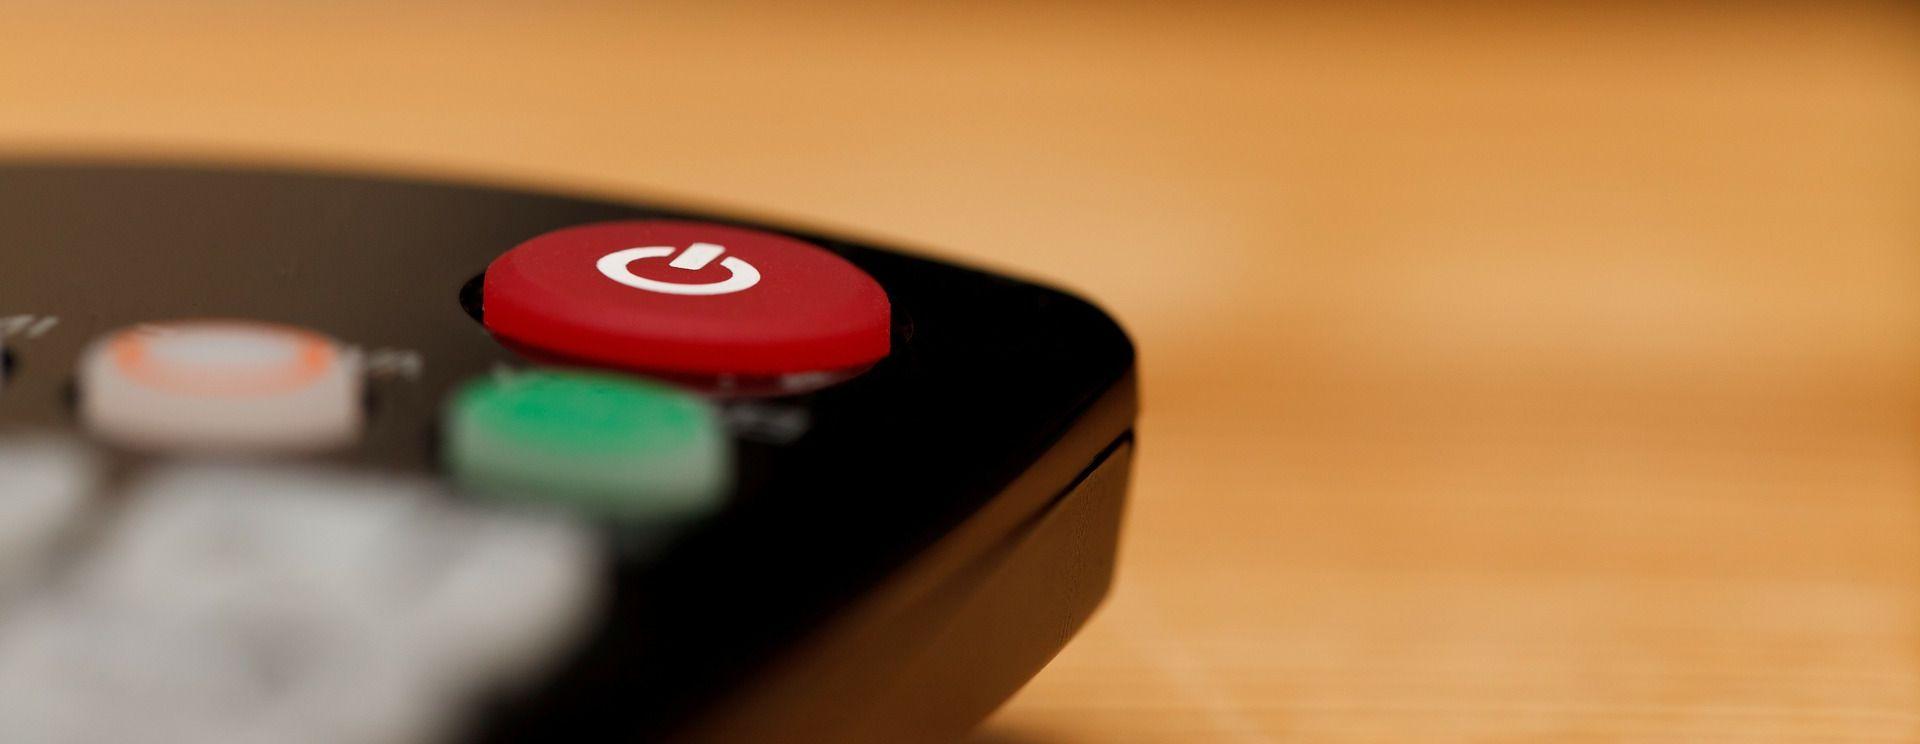 Švicarci u nedjelju na referendumu o televizijskoj pretplati